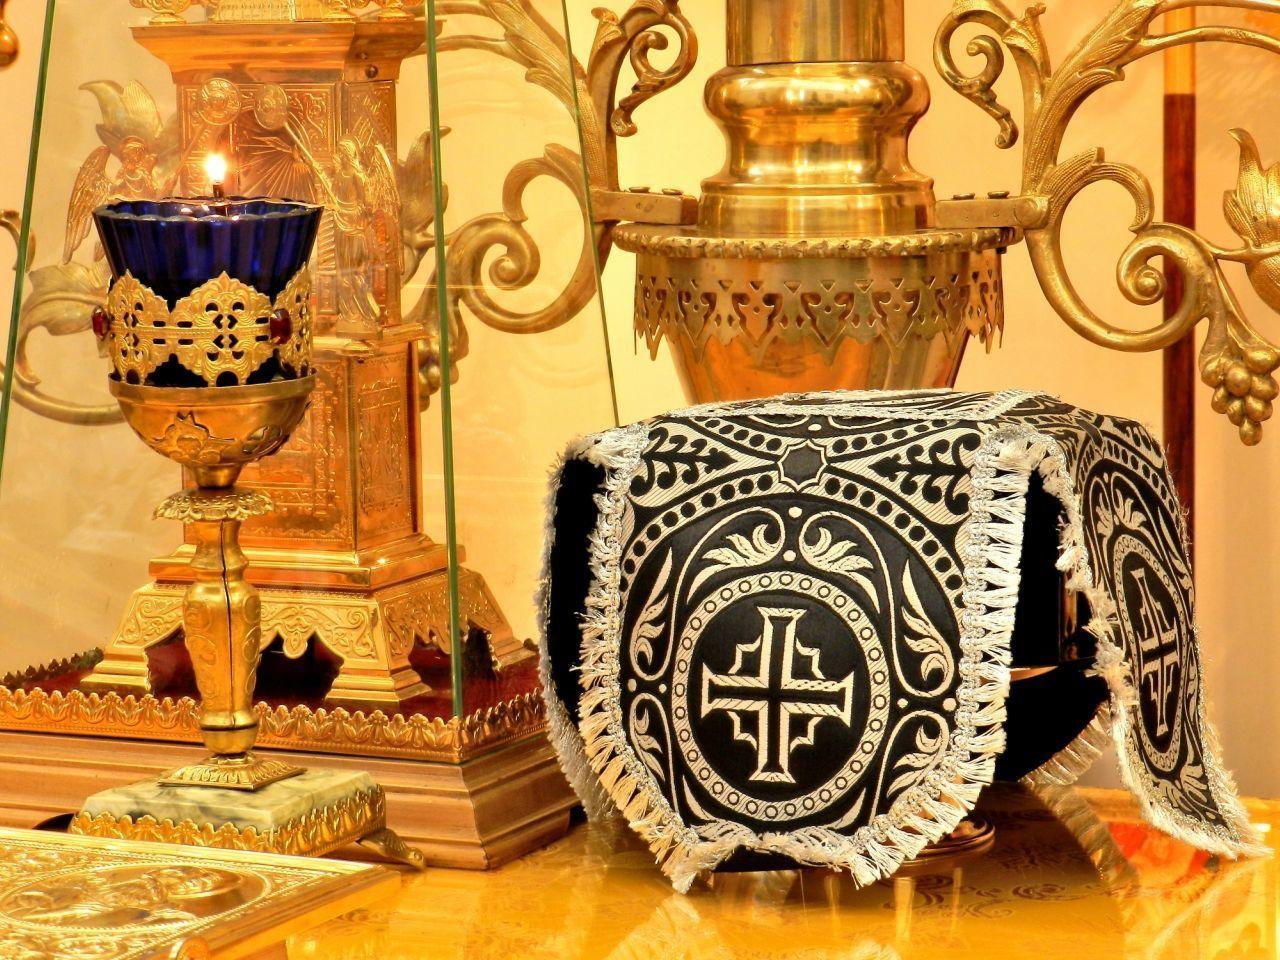 Великий православный пост в 2018 году 12 февраля - 7 апреля праздник